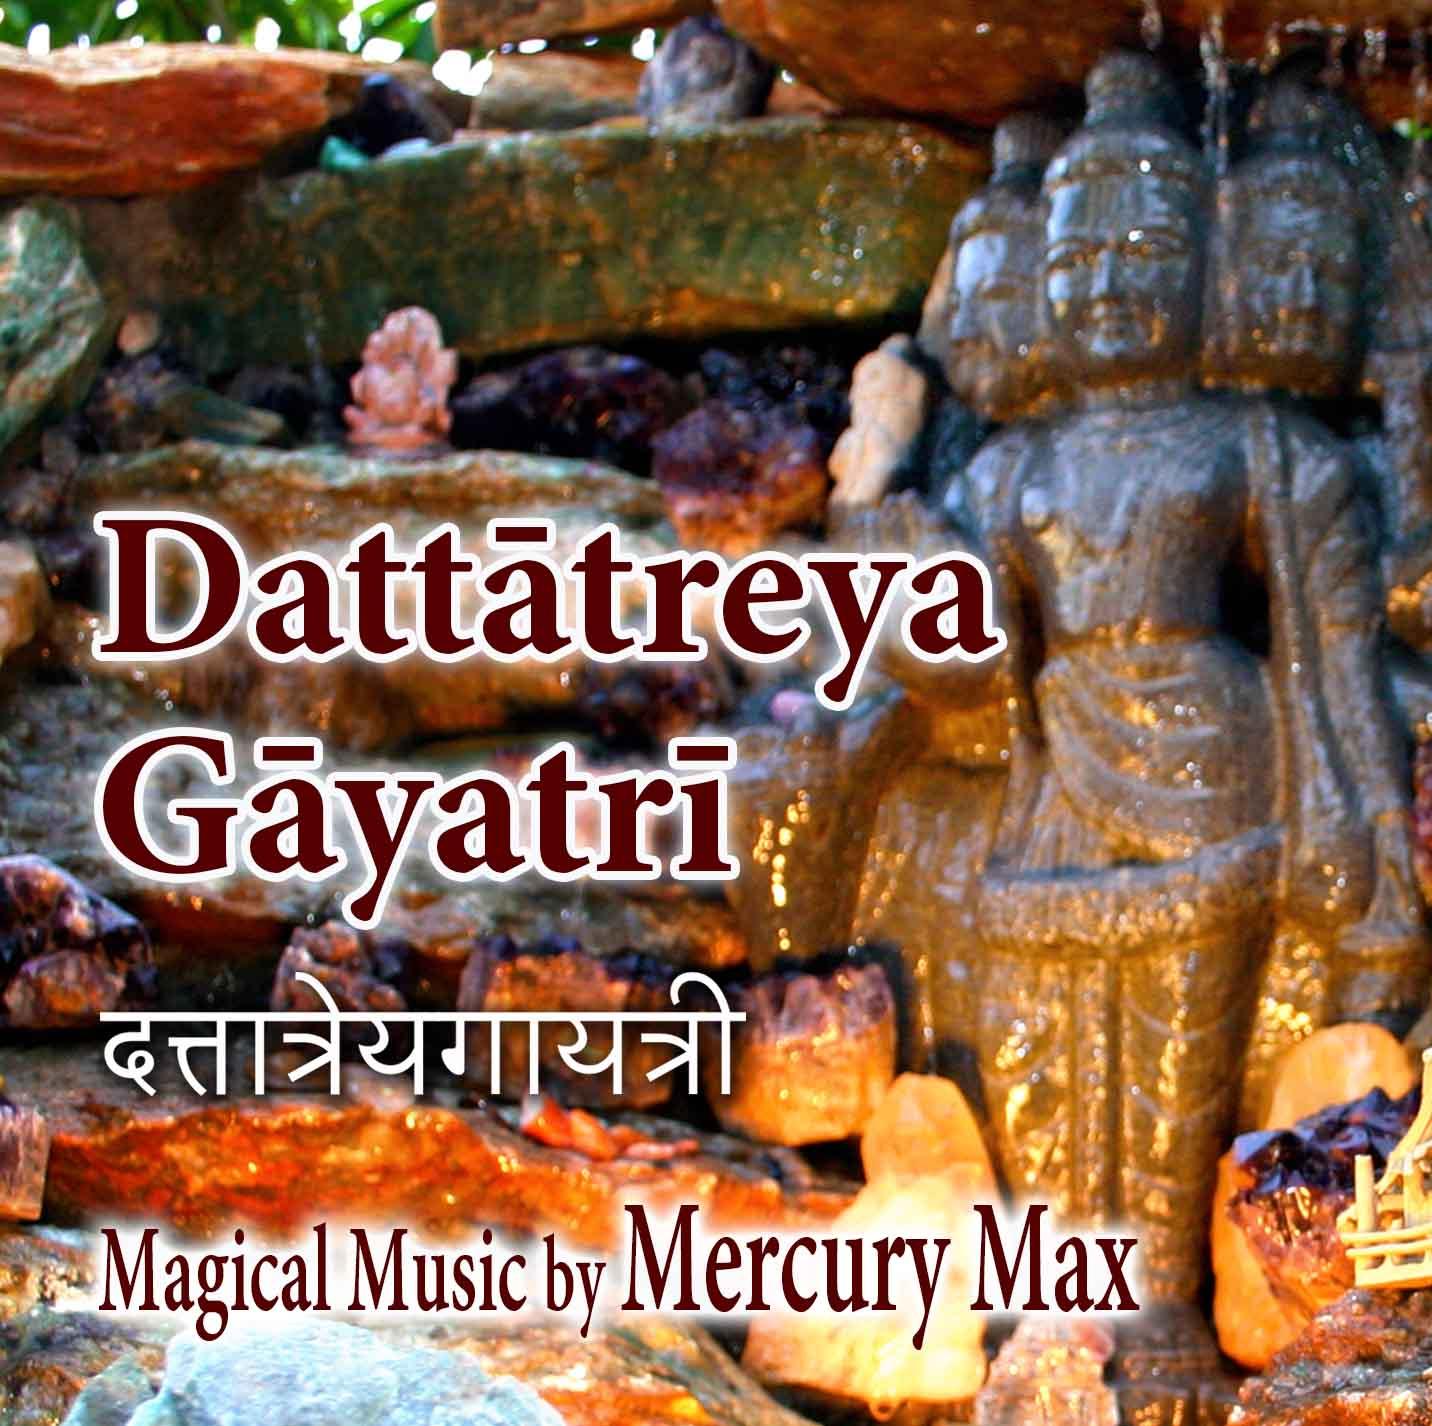 Dattatreya Gayatri CD by Mercury Max